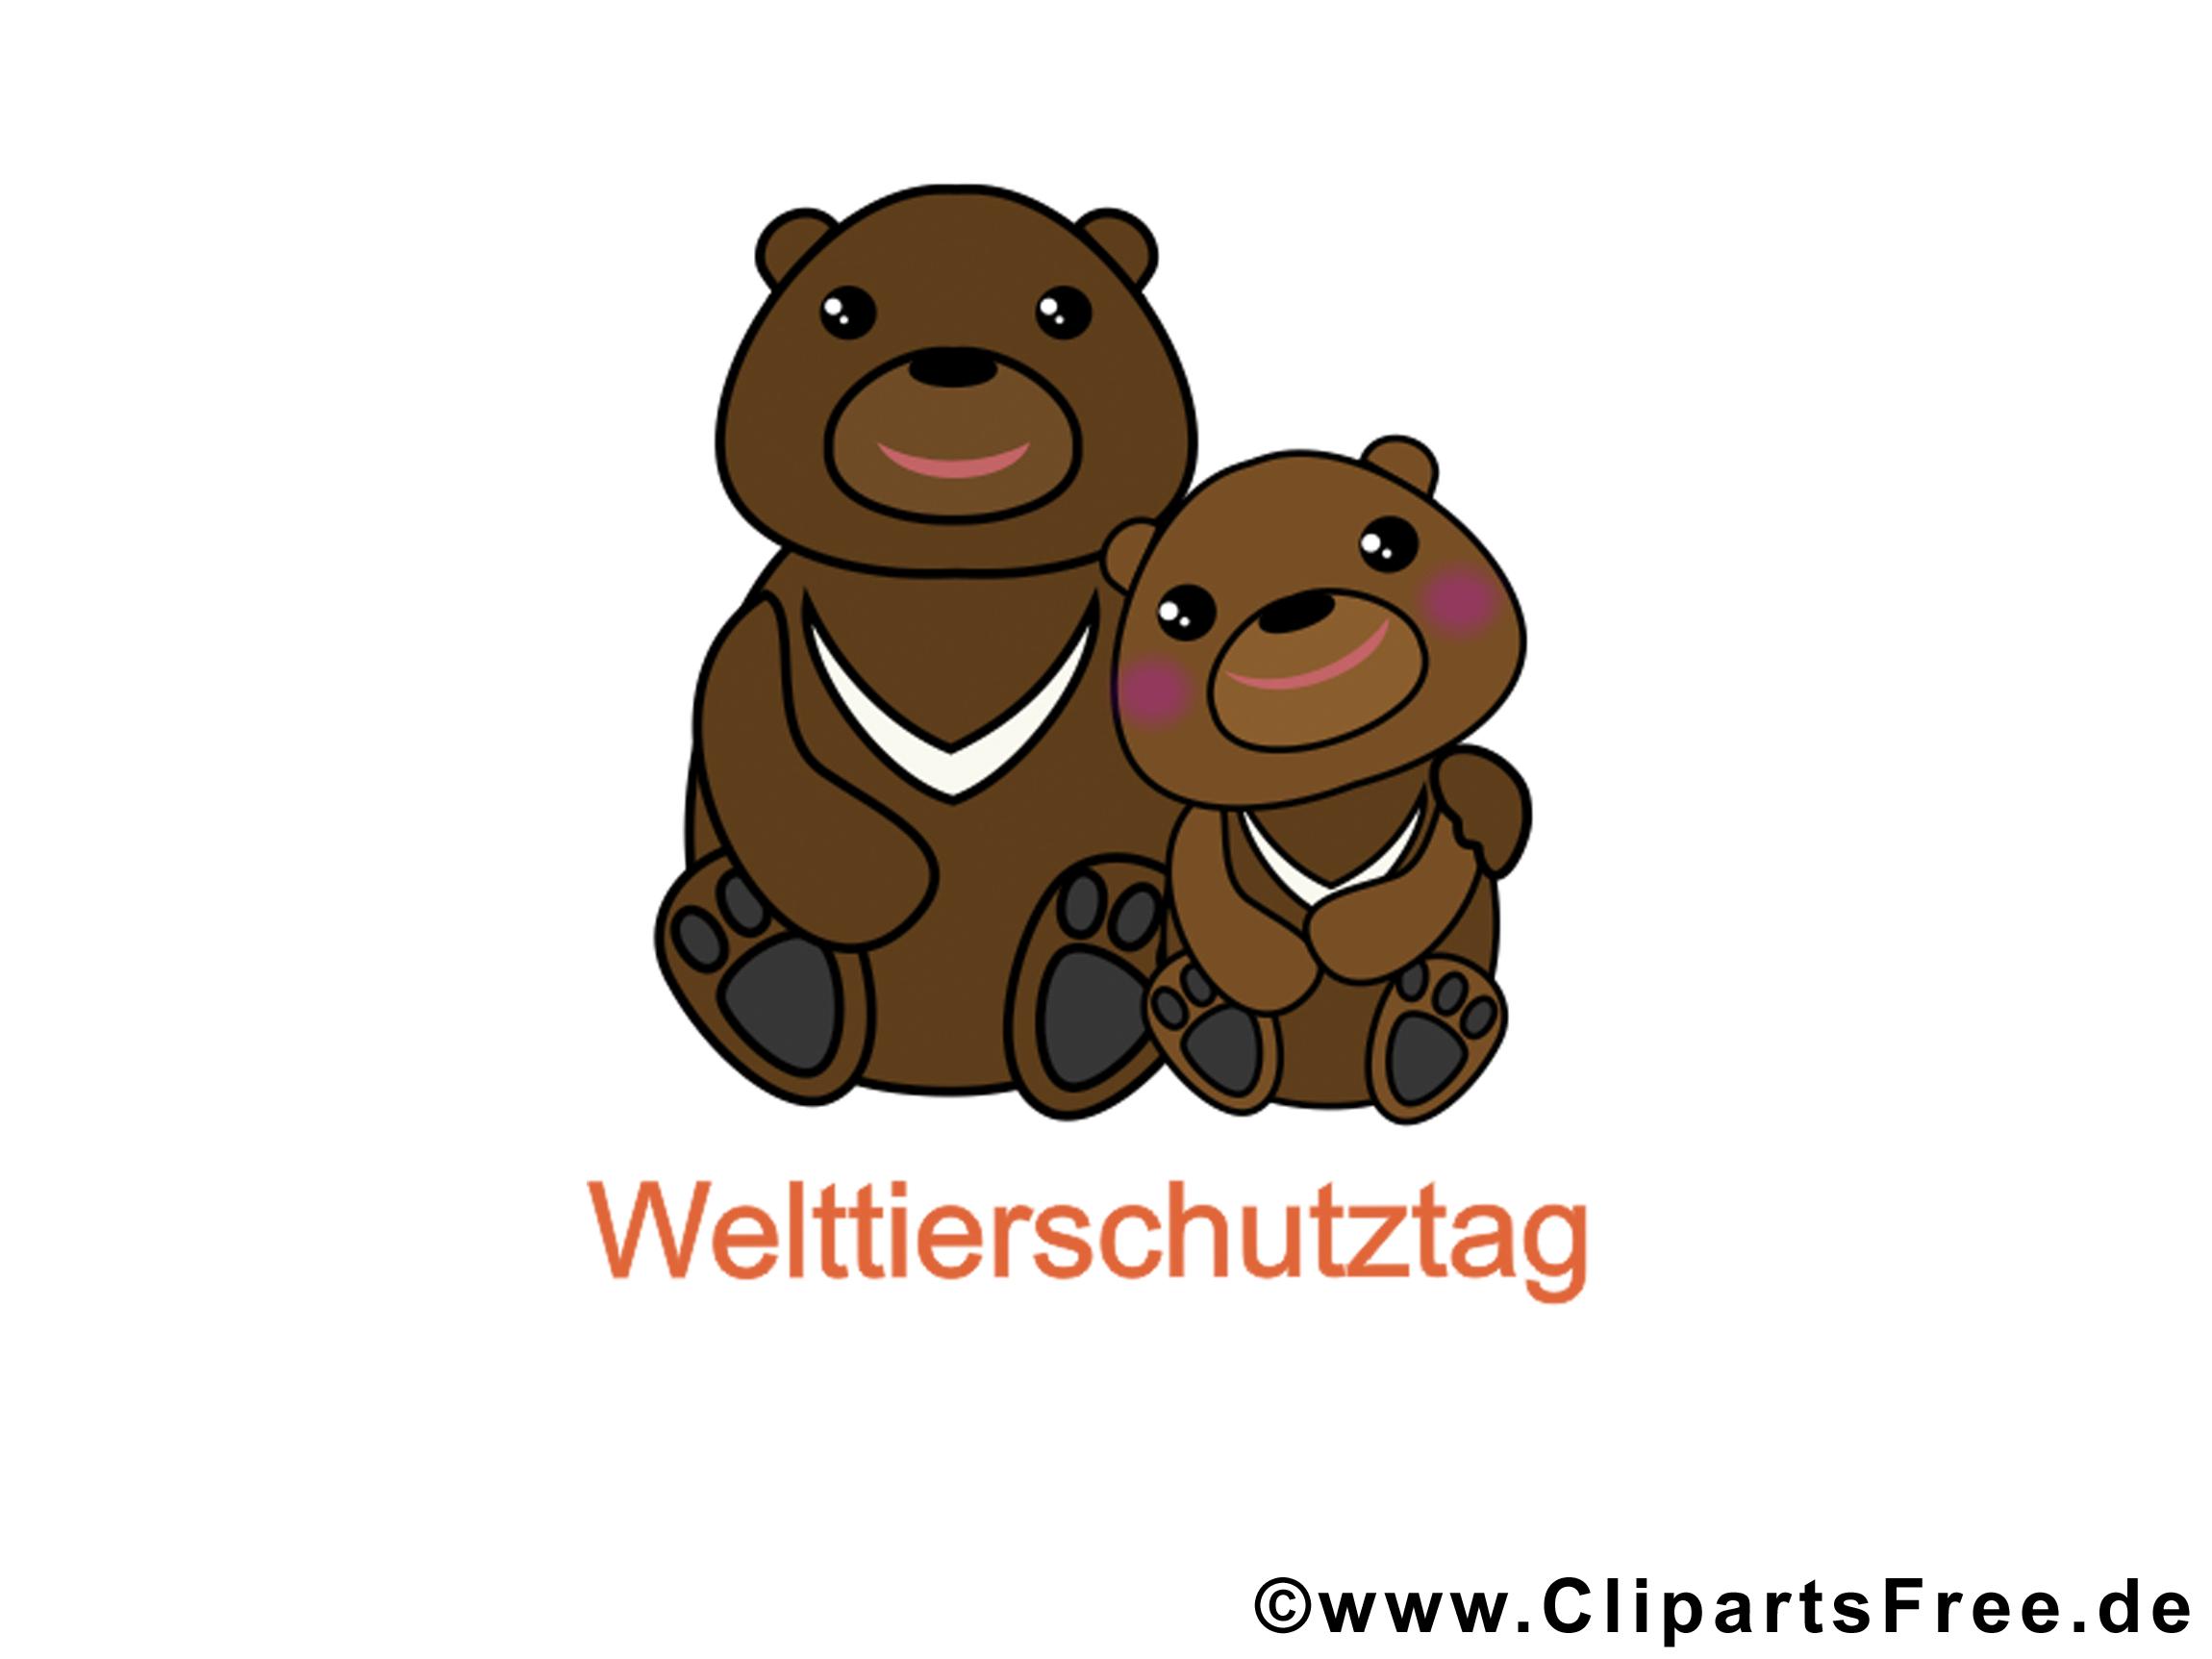 Bilder Cartoons kostenlos zum Welttierschutztag